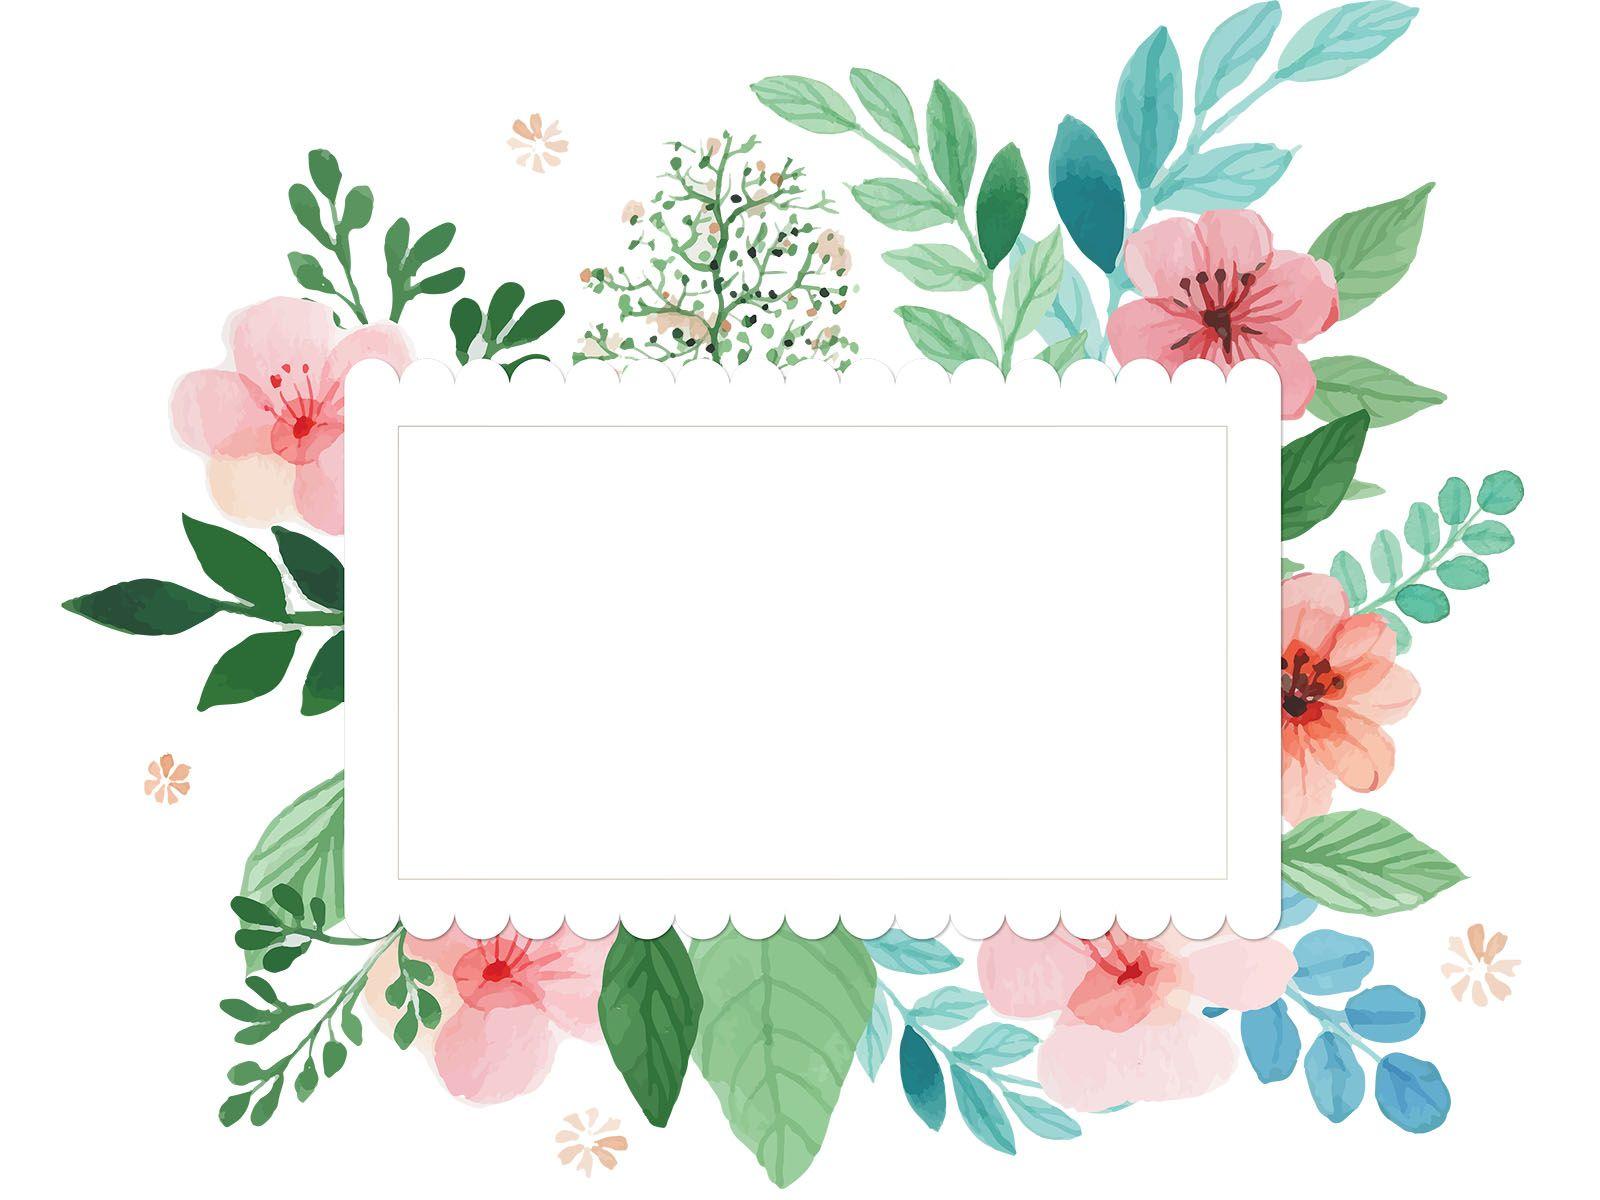 Color Flower بحث Google Com Imagens Quadro De Flores Papel